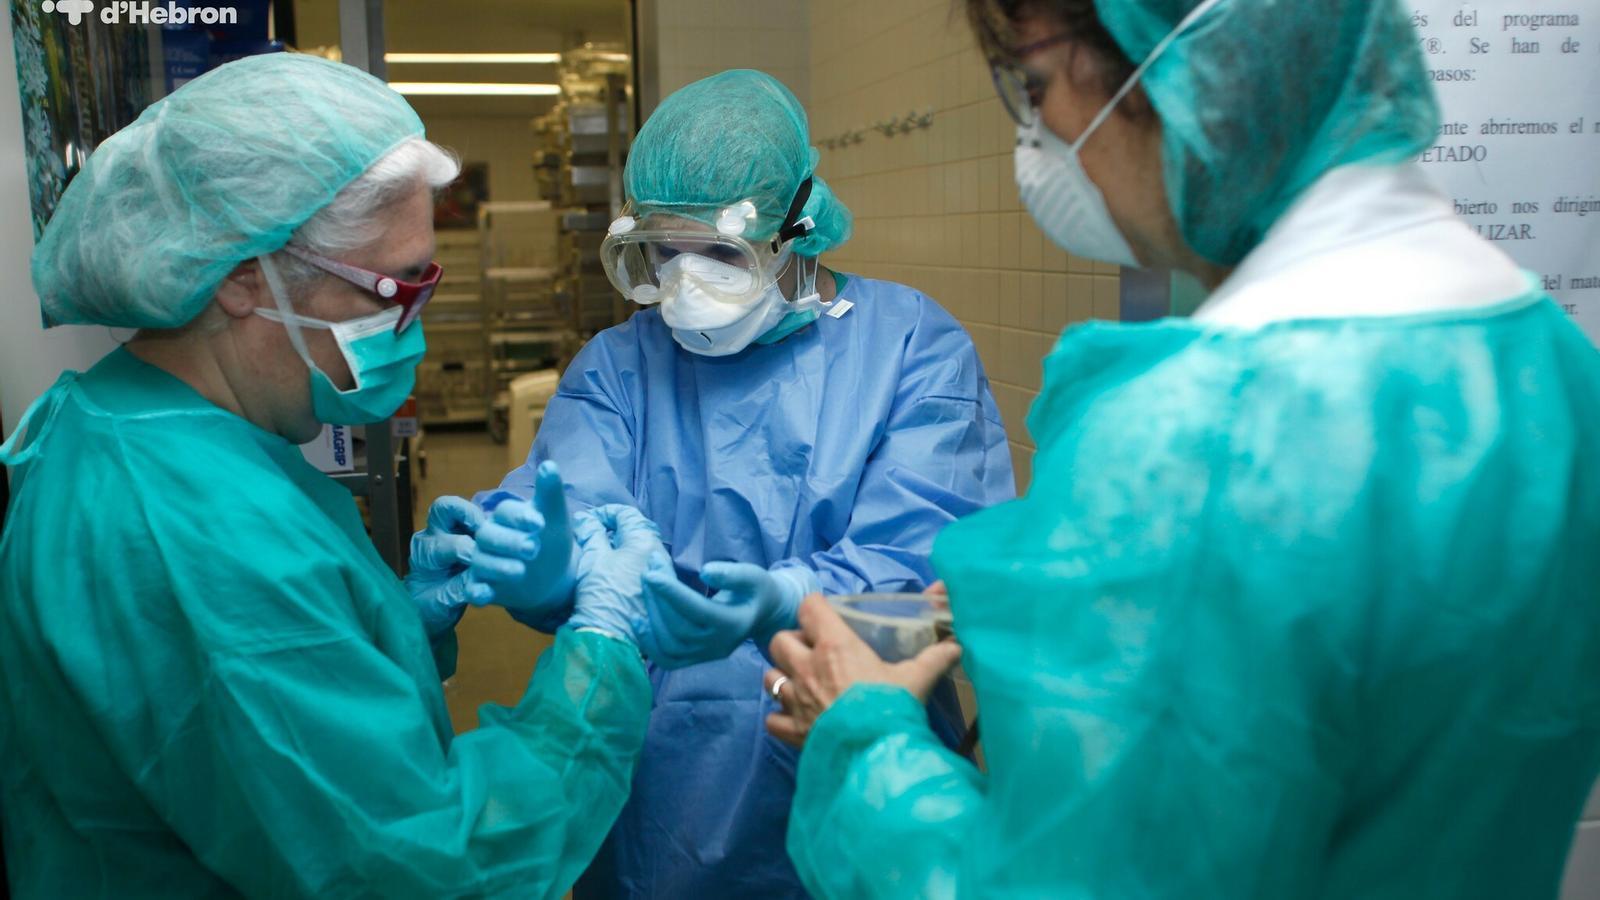 Professionals de Vall d'Hebron equipant-se per atendre pacients afectats pel Covid-19